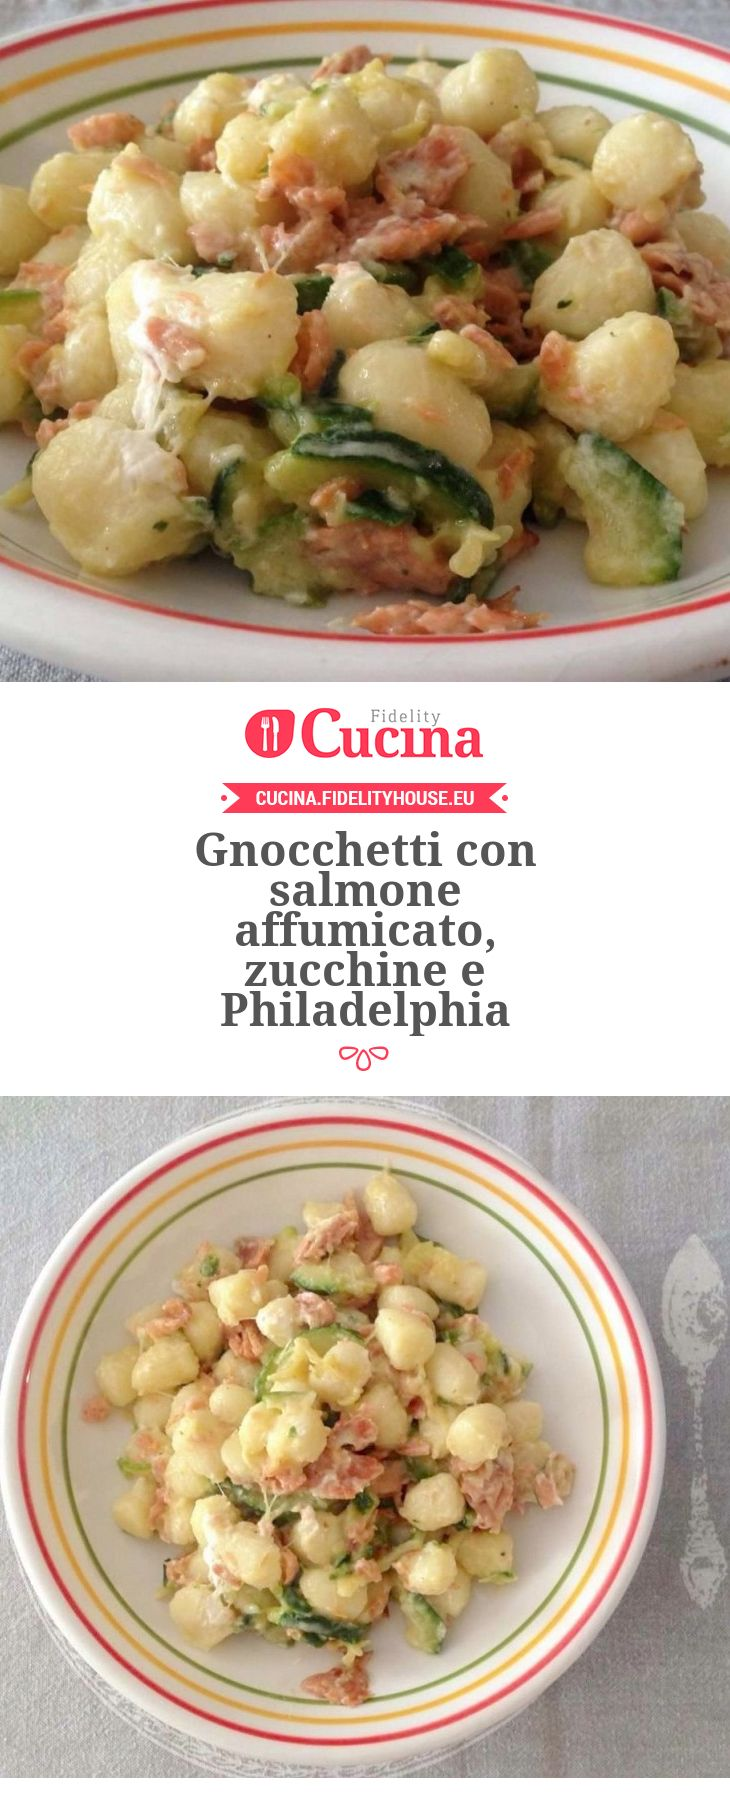 Gnocchetti con salmone affumicato, zucchine e Philadelphia